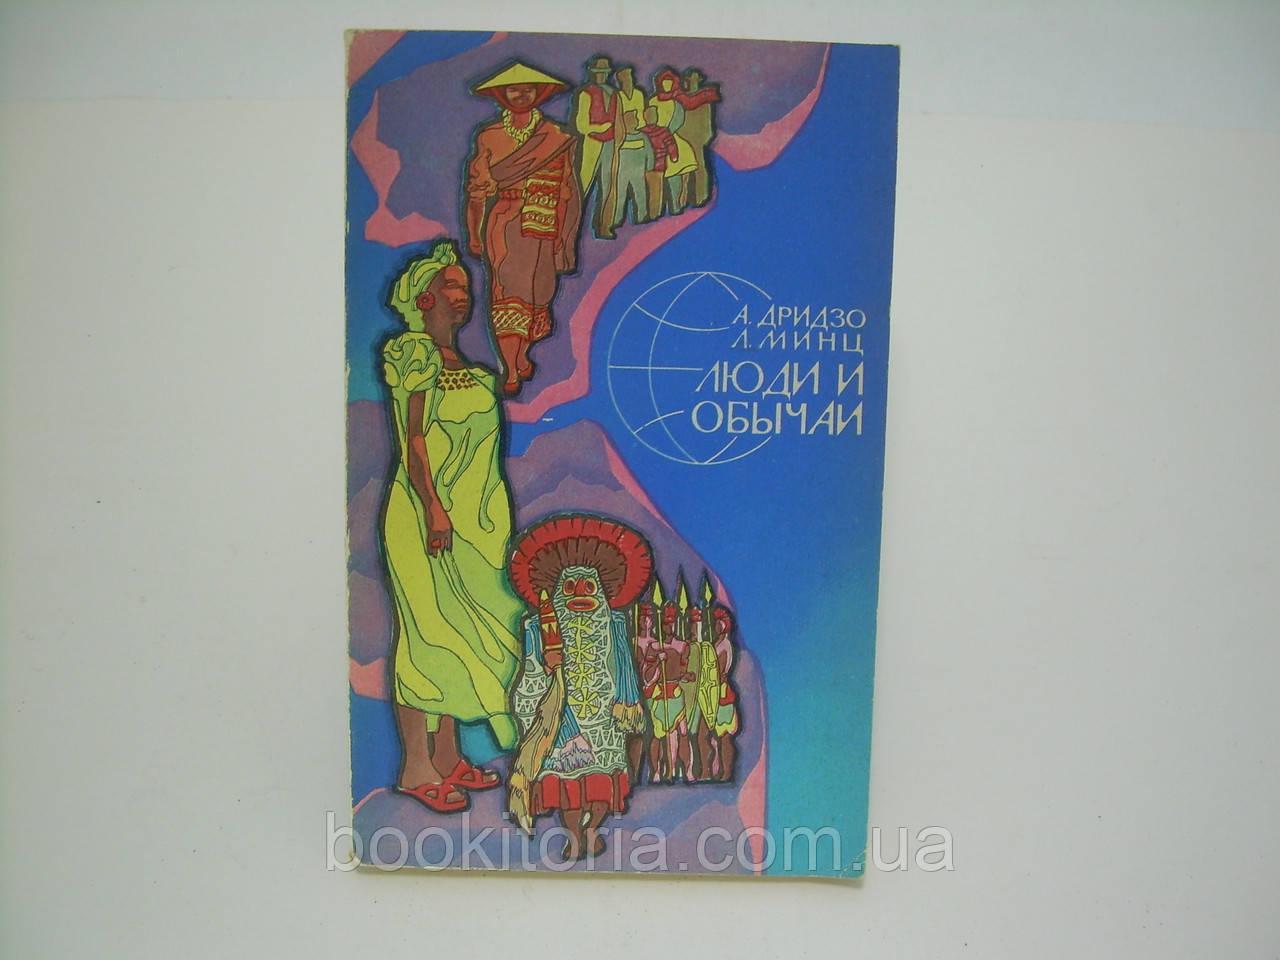 Дридзо А., Минц А. Люди и обычаи (б/у).